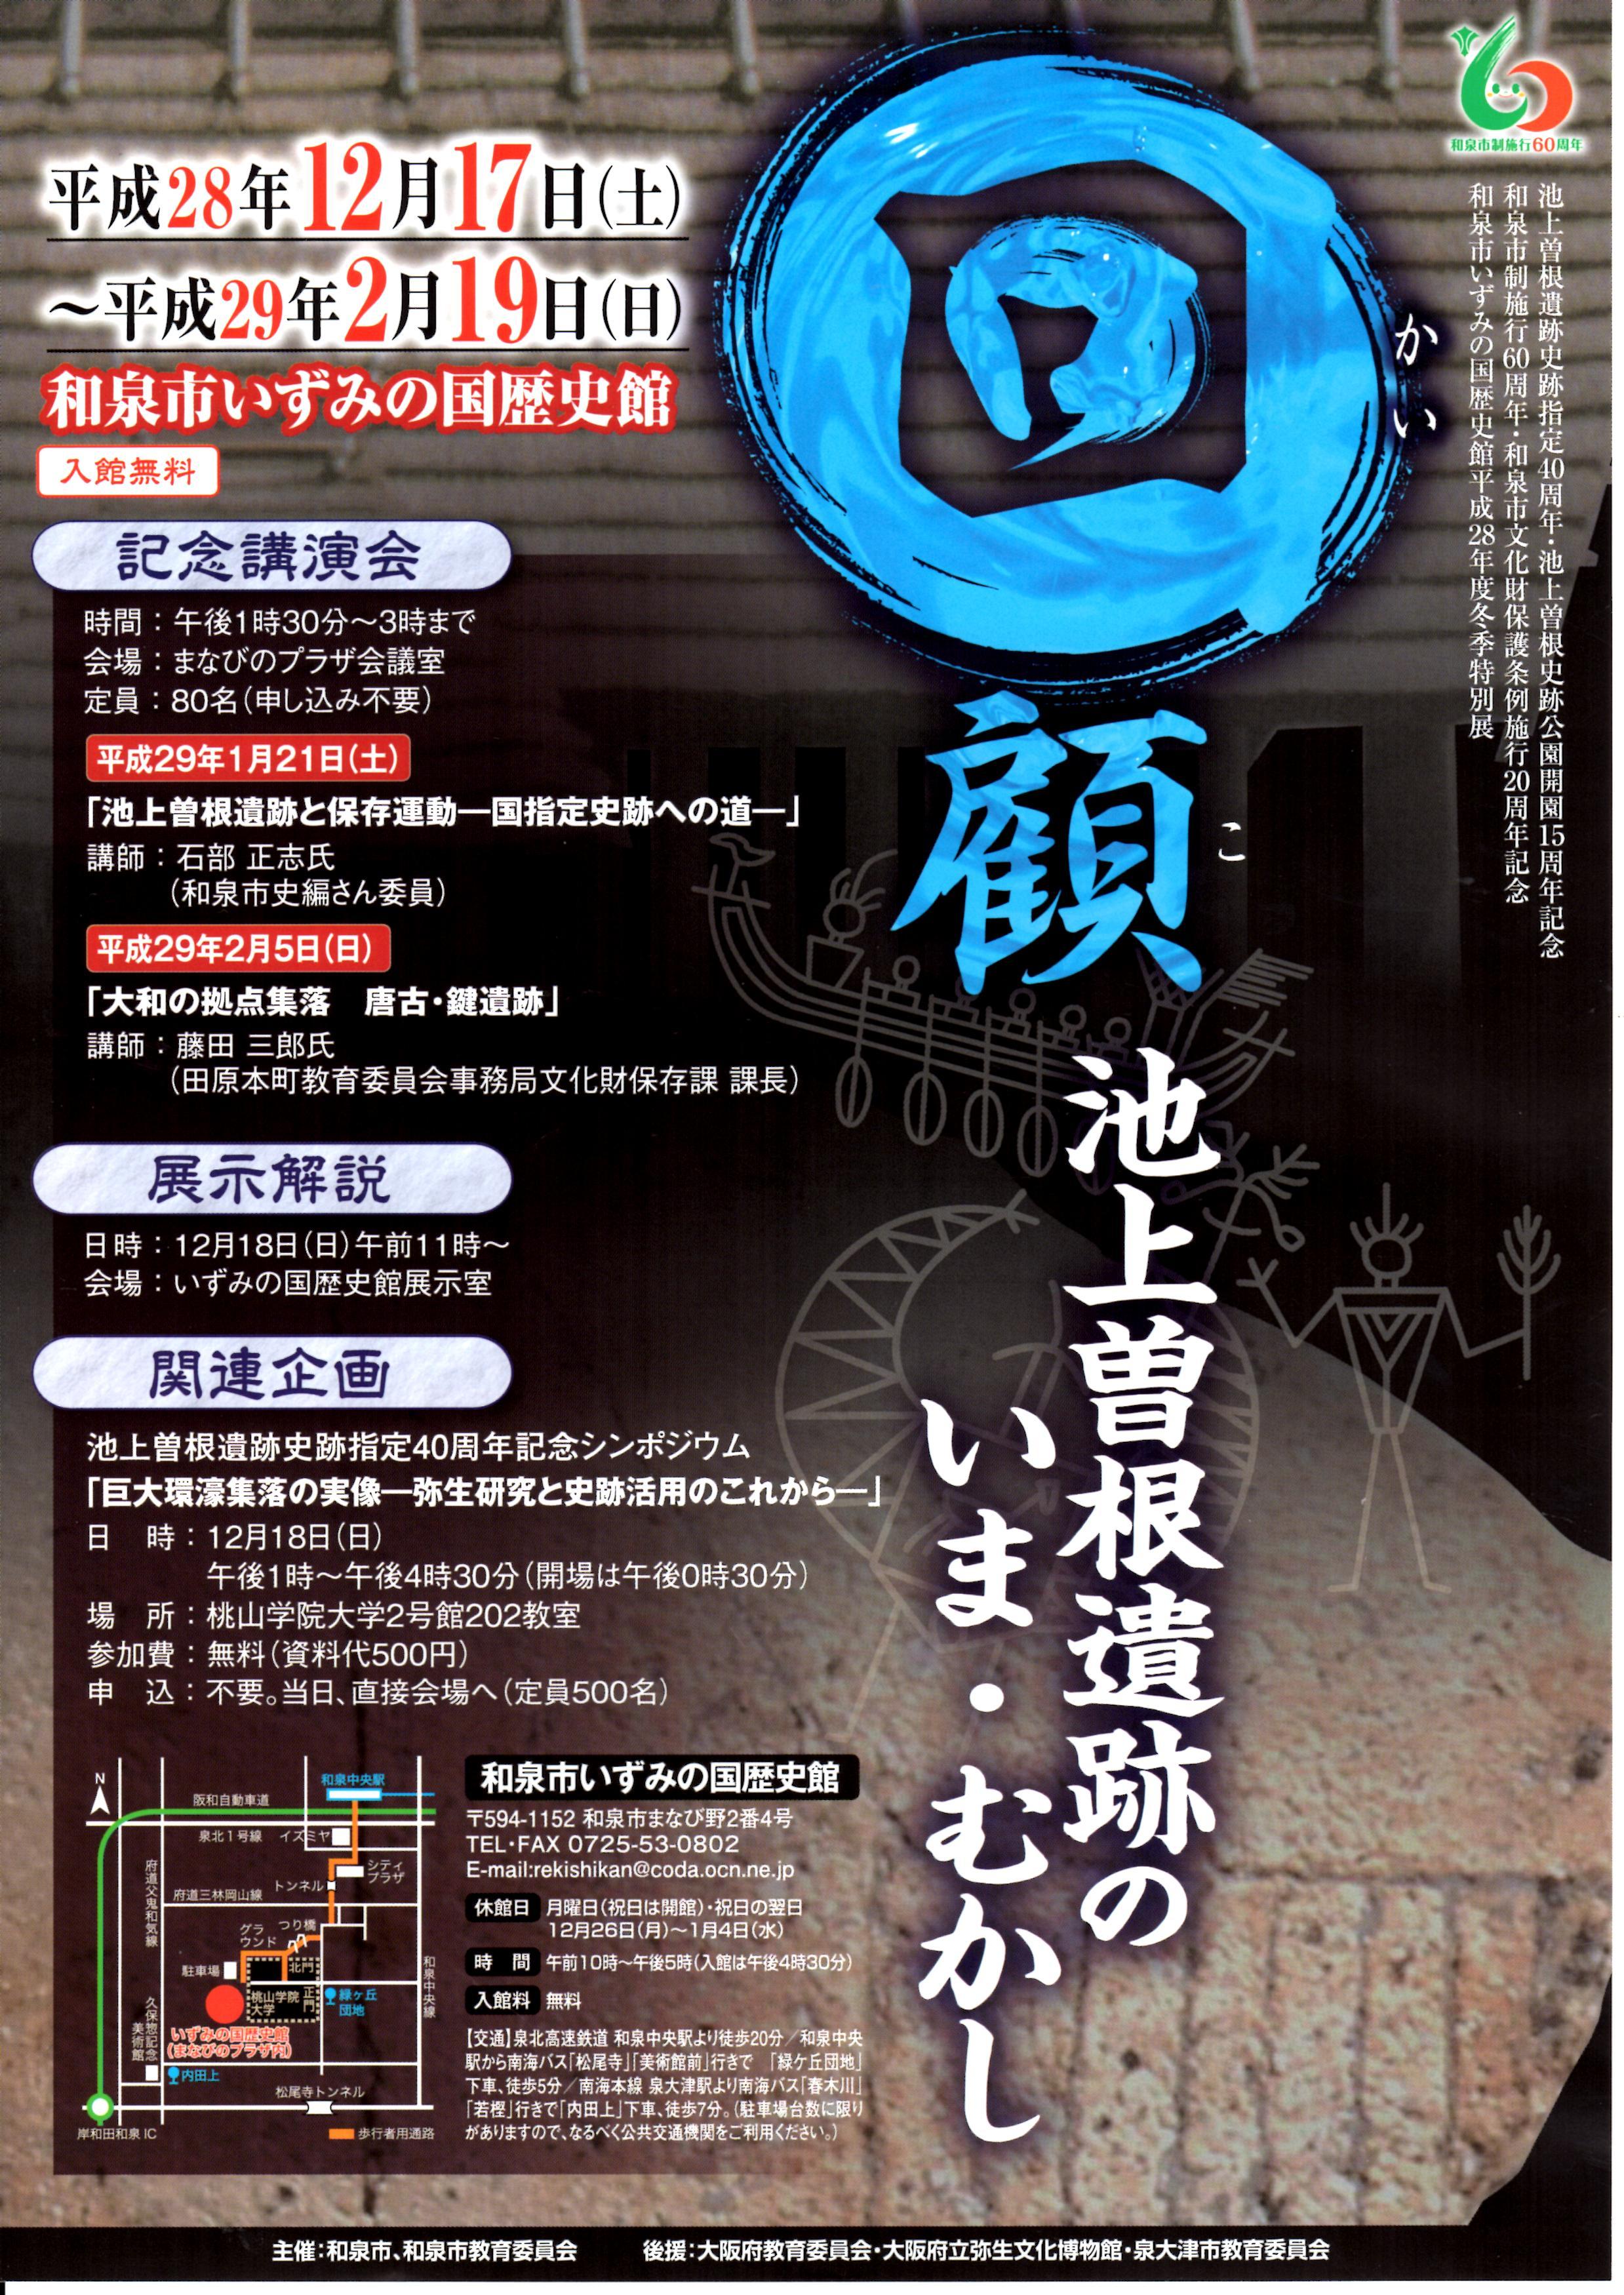 特別展「回顧 池上曽根遺跡のいま・むかし」【和泉市いずみの国歴史館】